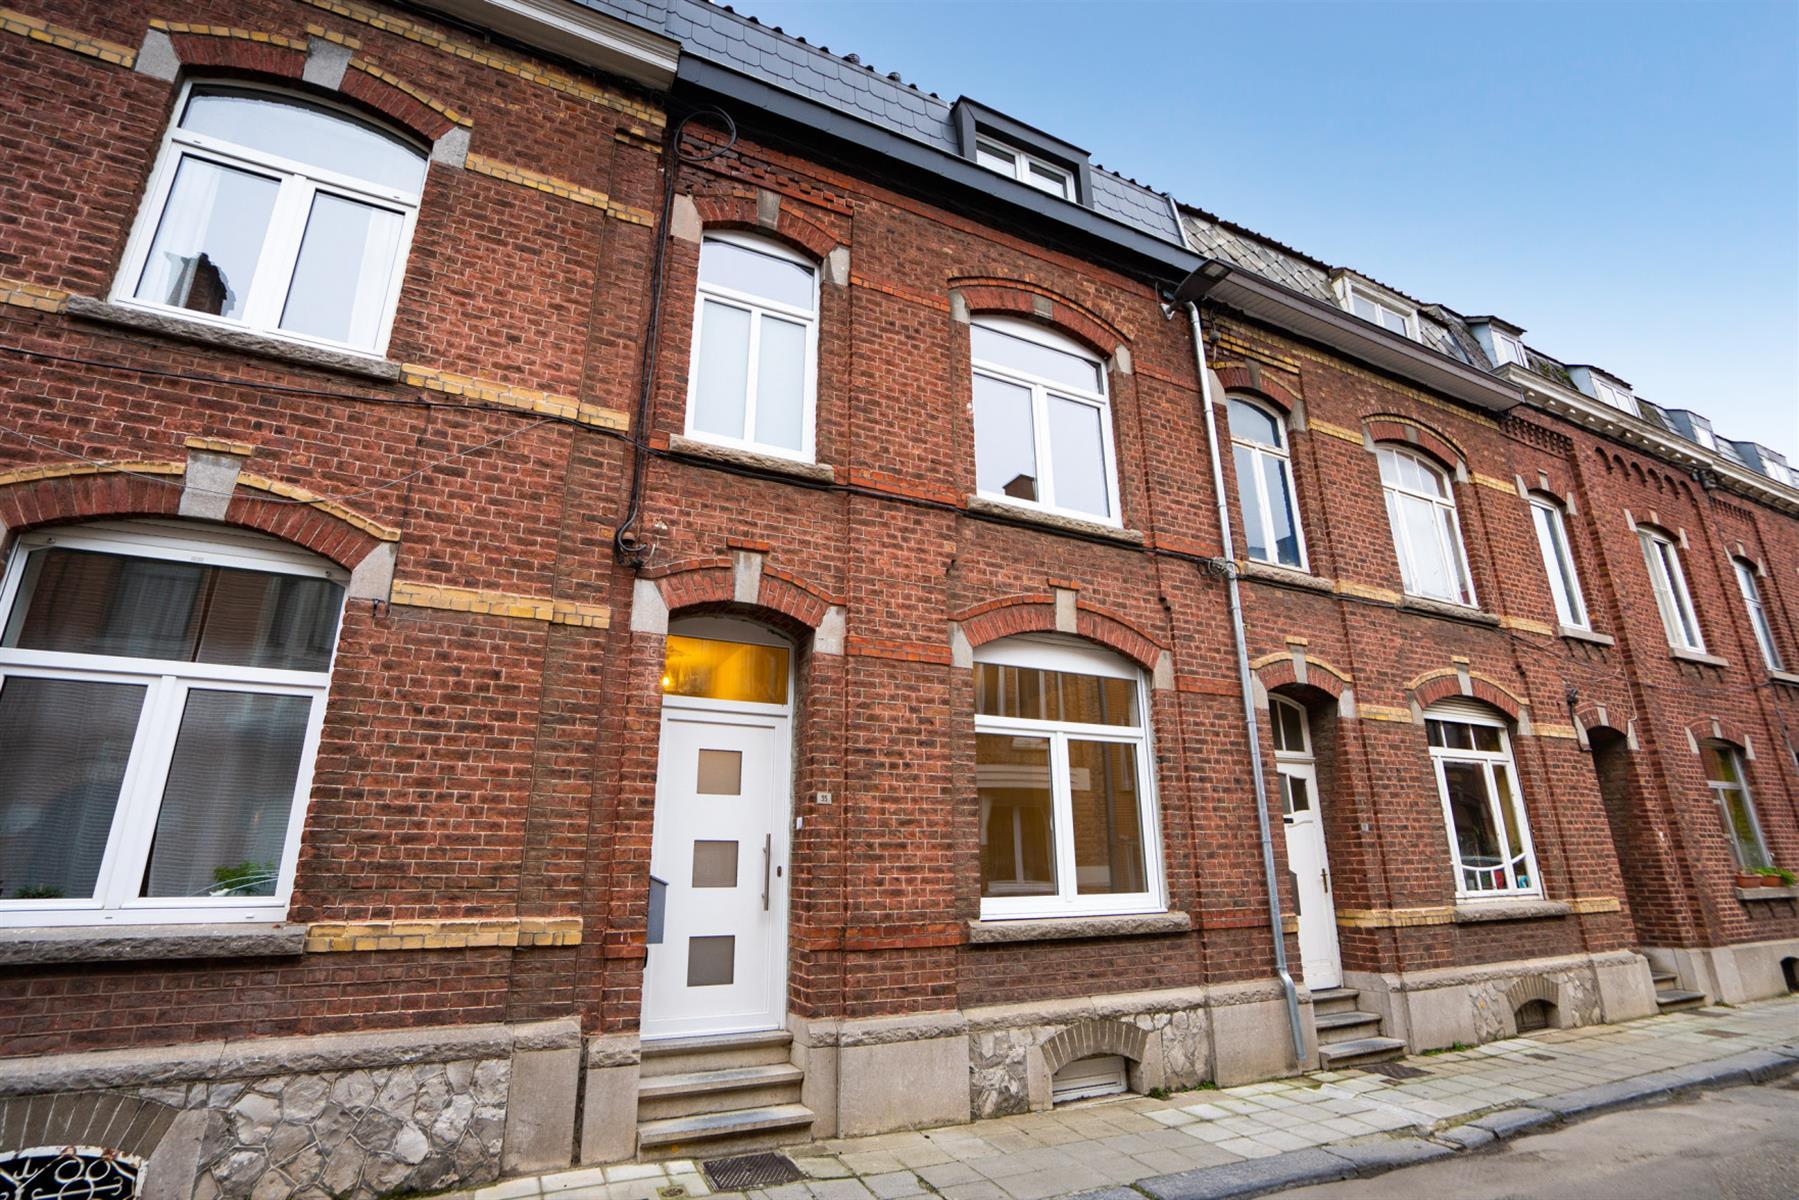 Maison - Namur Saint-Servais - #4251701-1